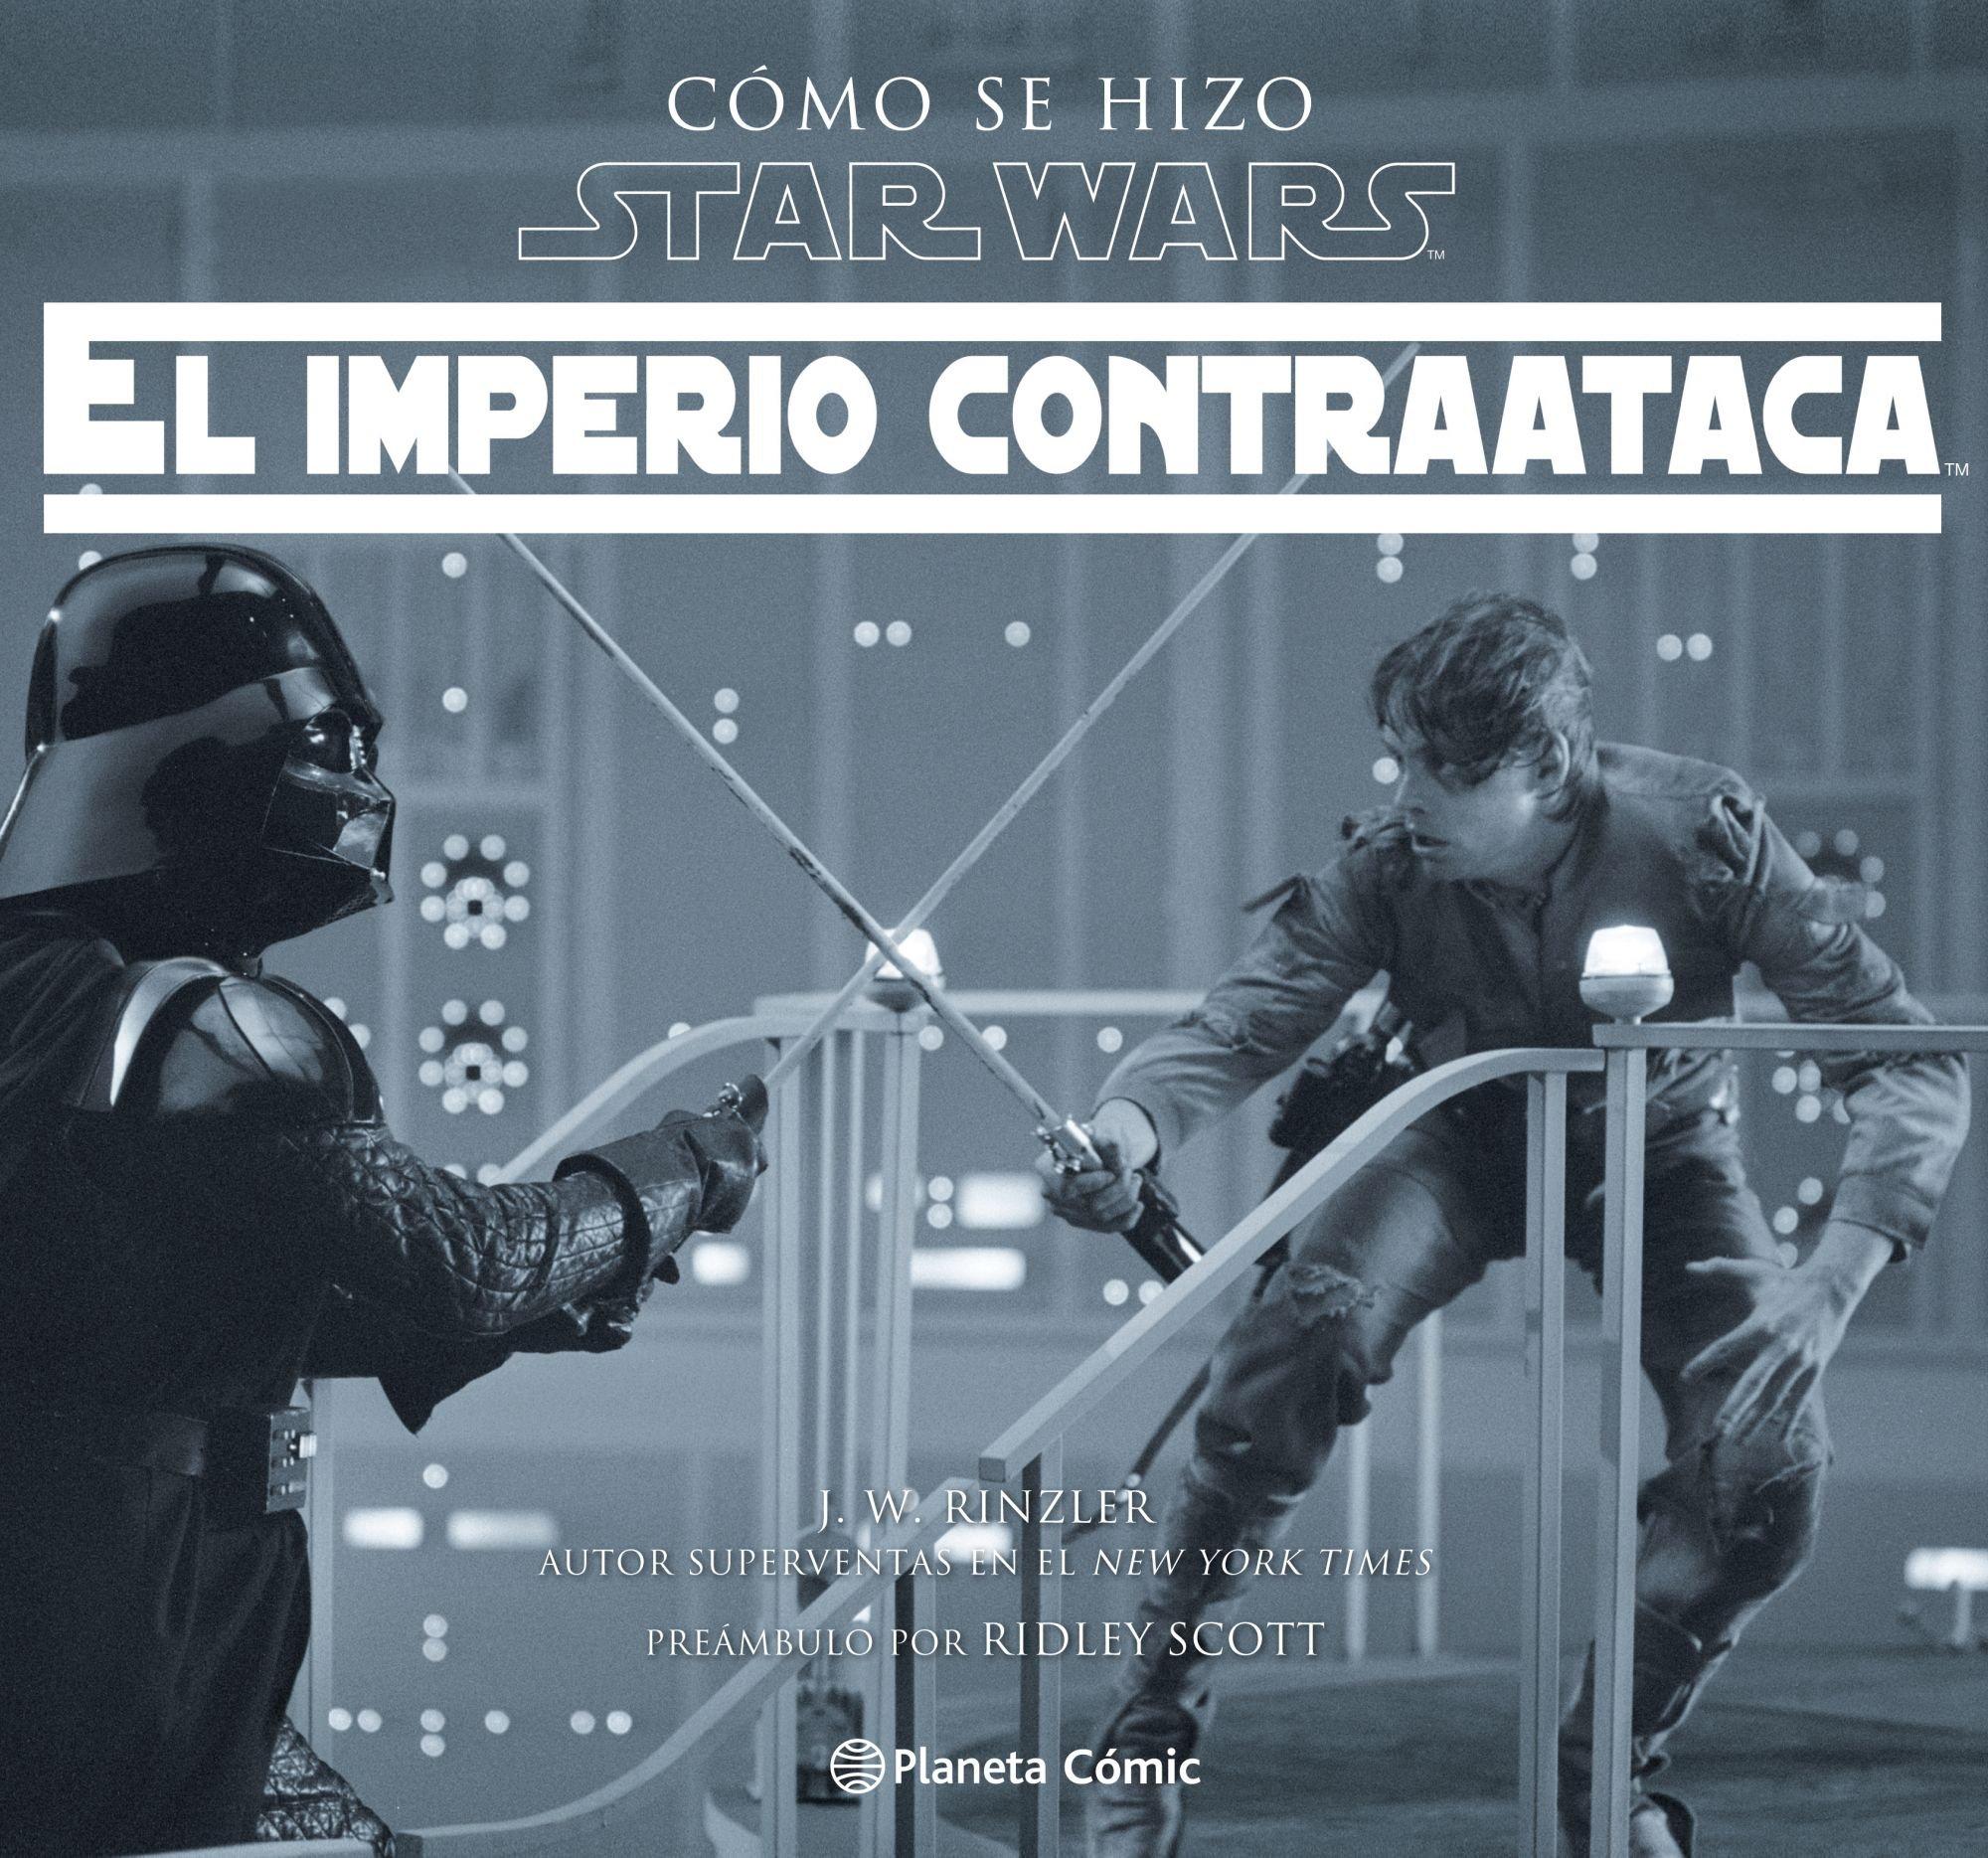 Cómo se hizo Star Wars El imperio contraataca Star Wars: Guías Ilustradas: Amazon.es: Rinzler, Jonathan W., Bentz, Ignacio: Libros